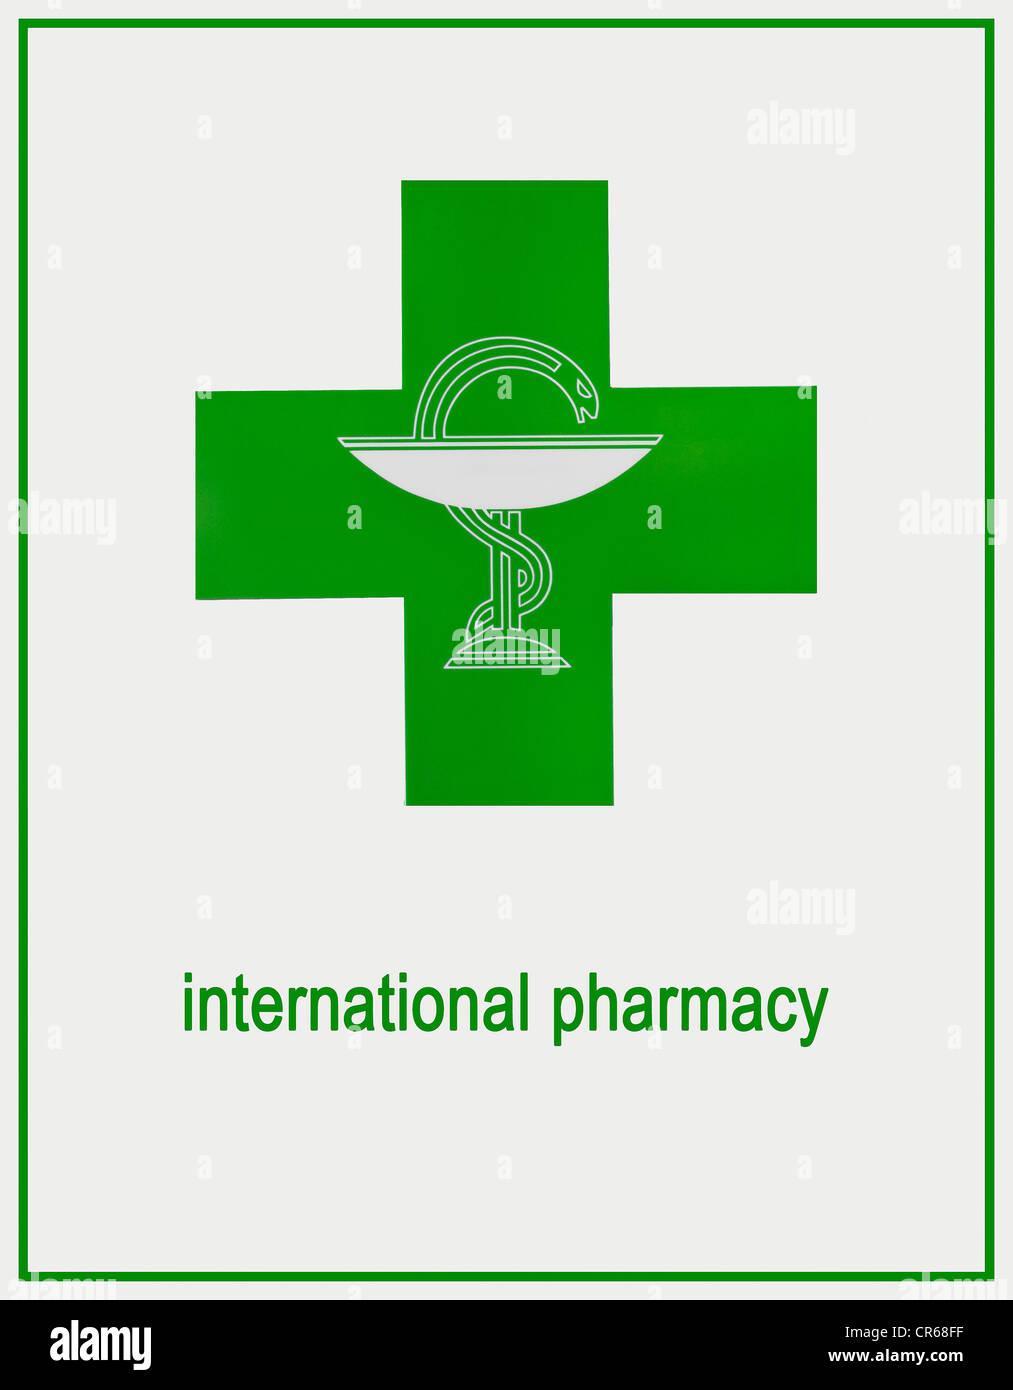 Internationale Apotheke Zeichen, grüne Logo mit Aesculapian Schlange Stockbild